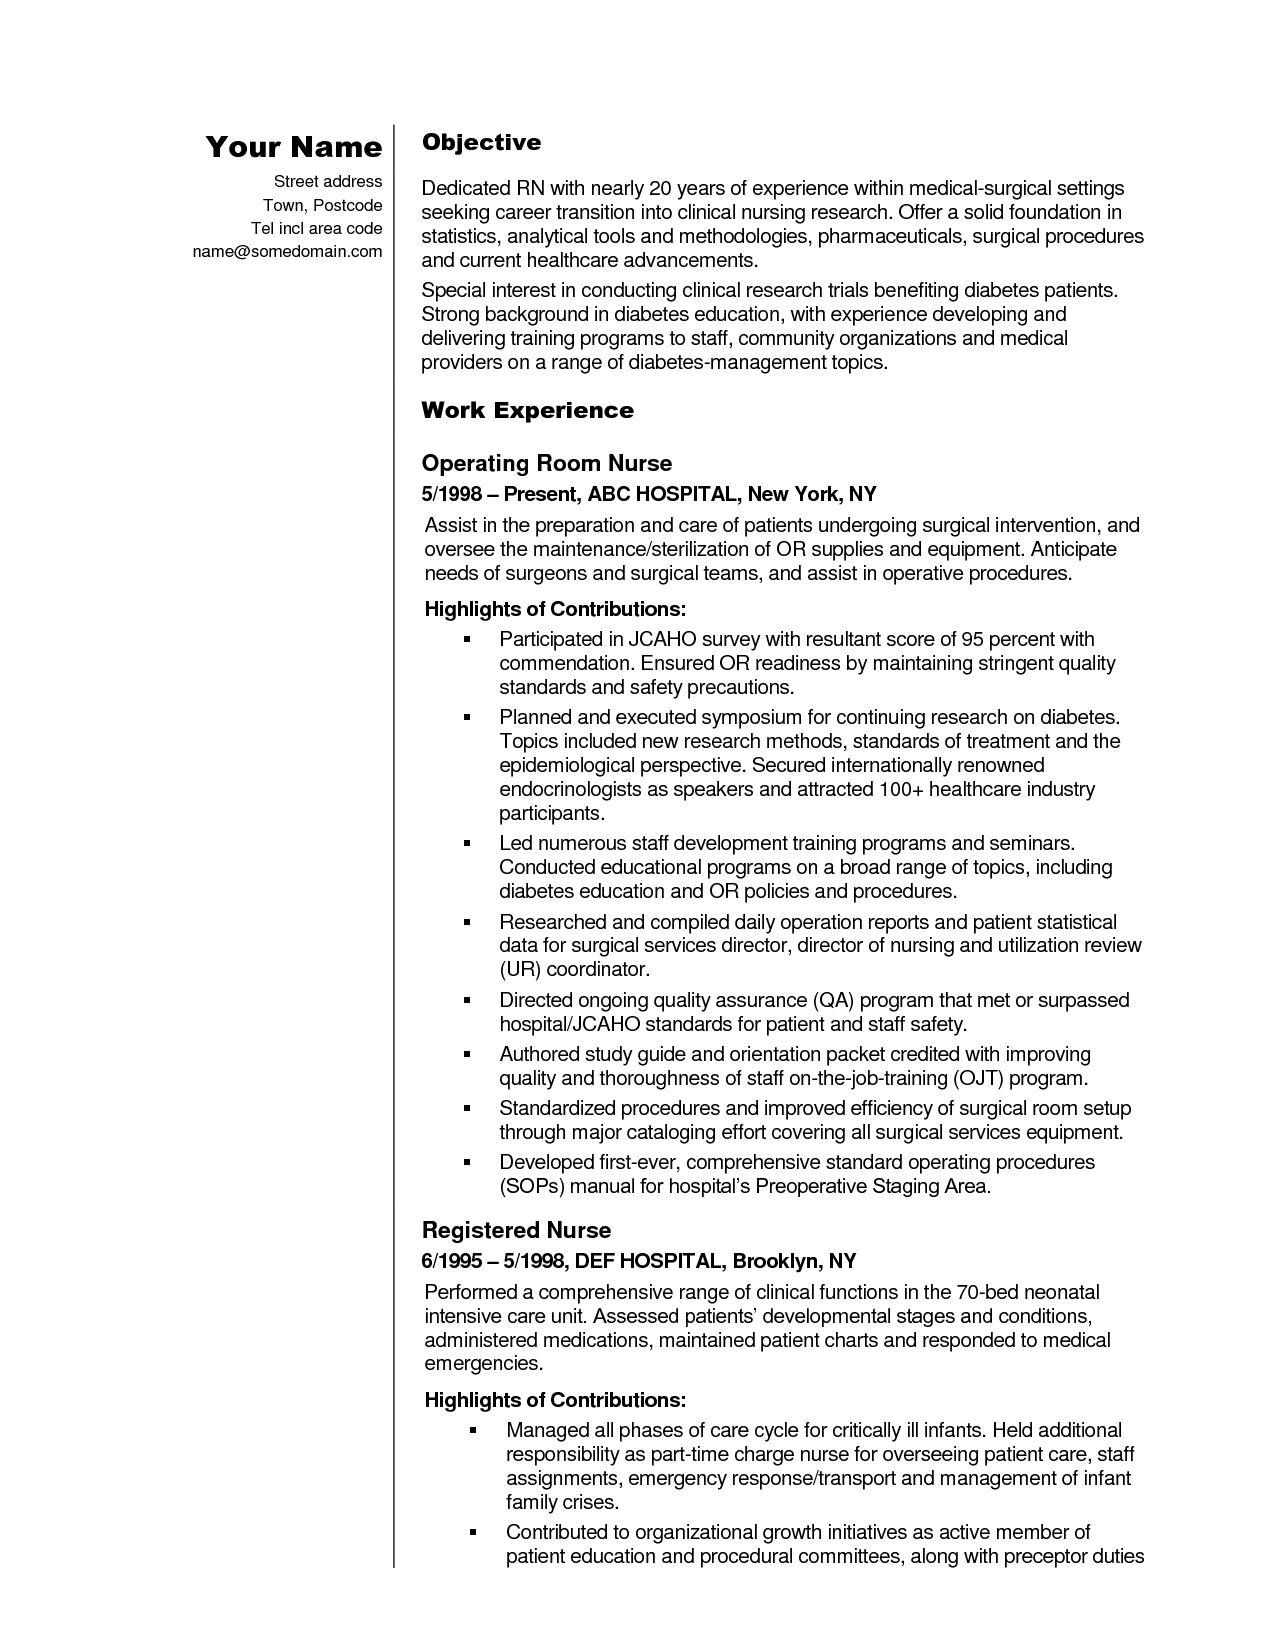 Resume Setup Example Surprising Cover Letter For New Grad Resume Sample Nursing